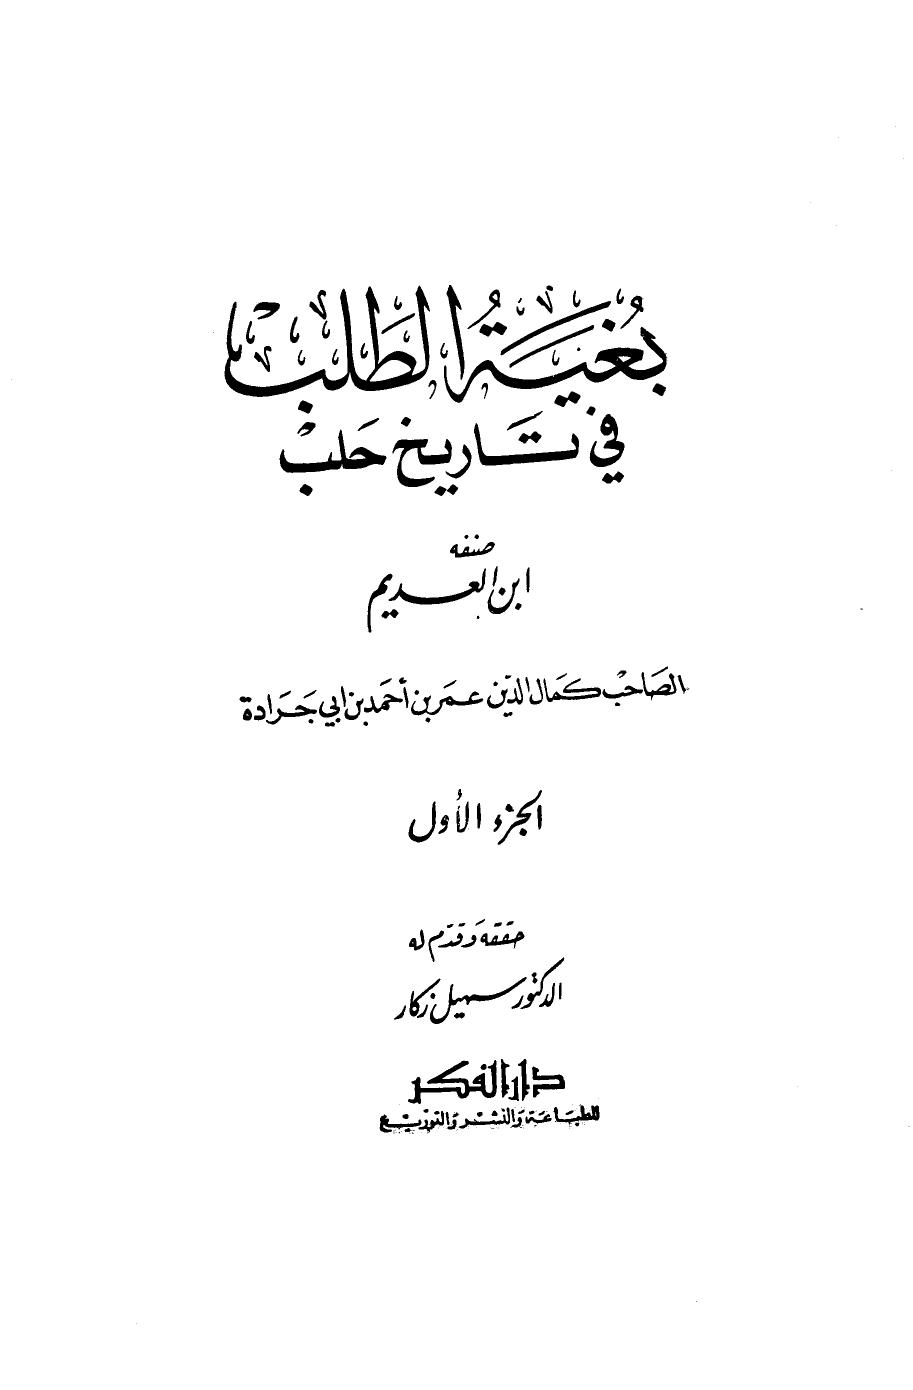 كتاب بغية الطلب في تاريخ حلب